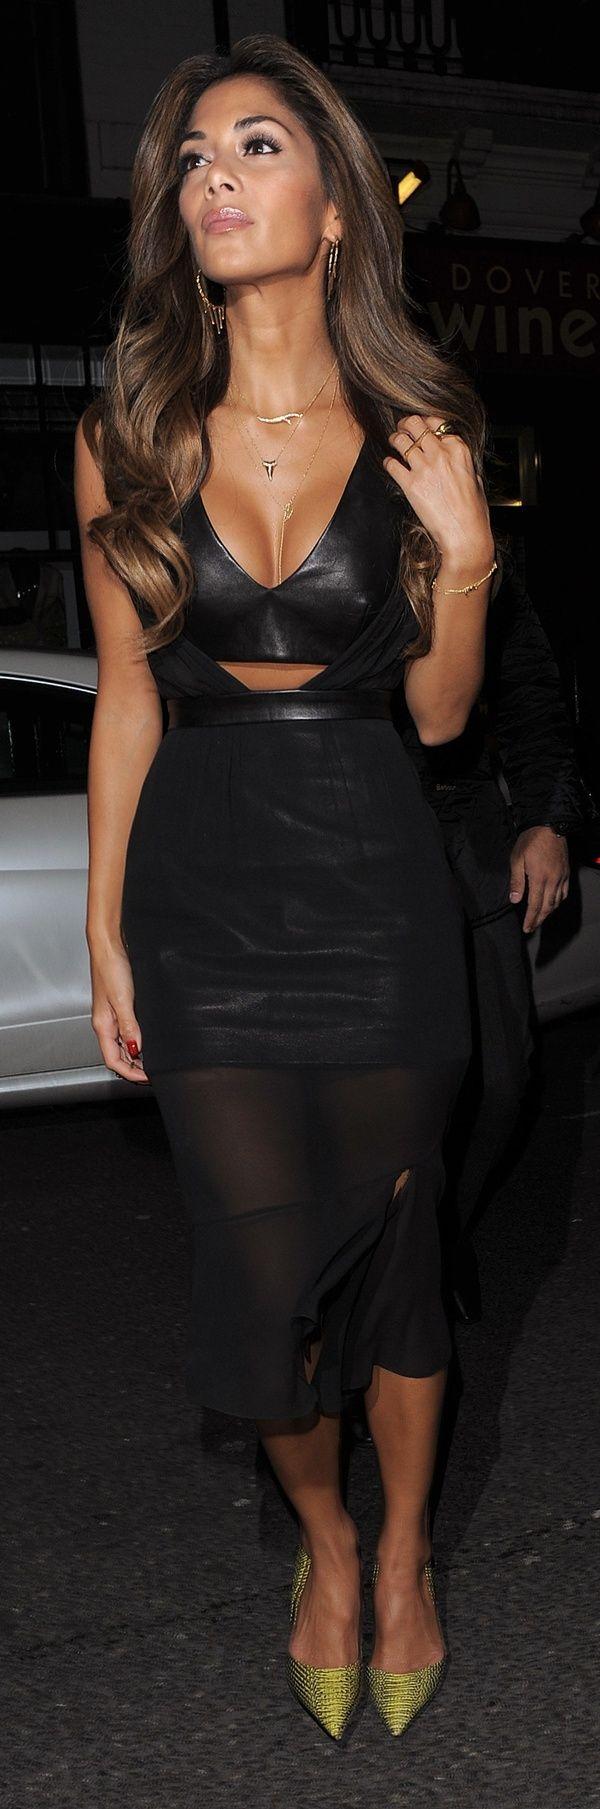 Nicole Scherzinger enjoys an evening at The Arts Club in Mayfair